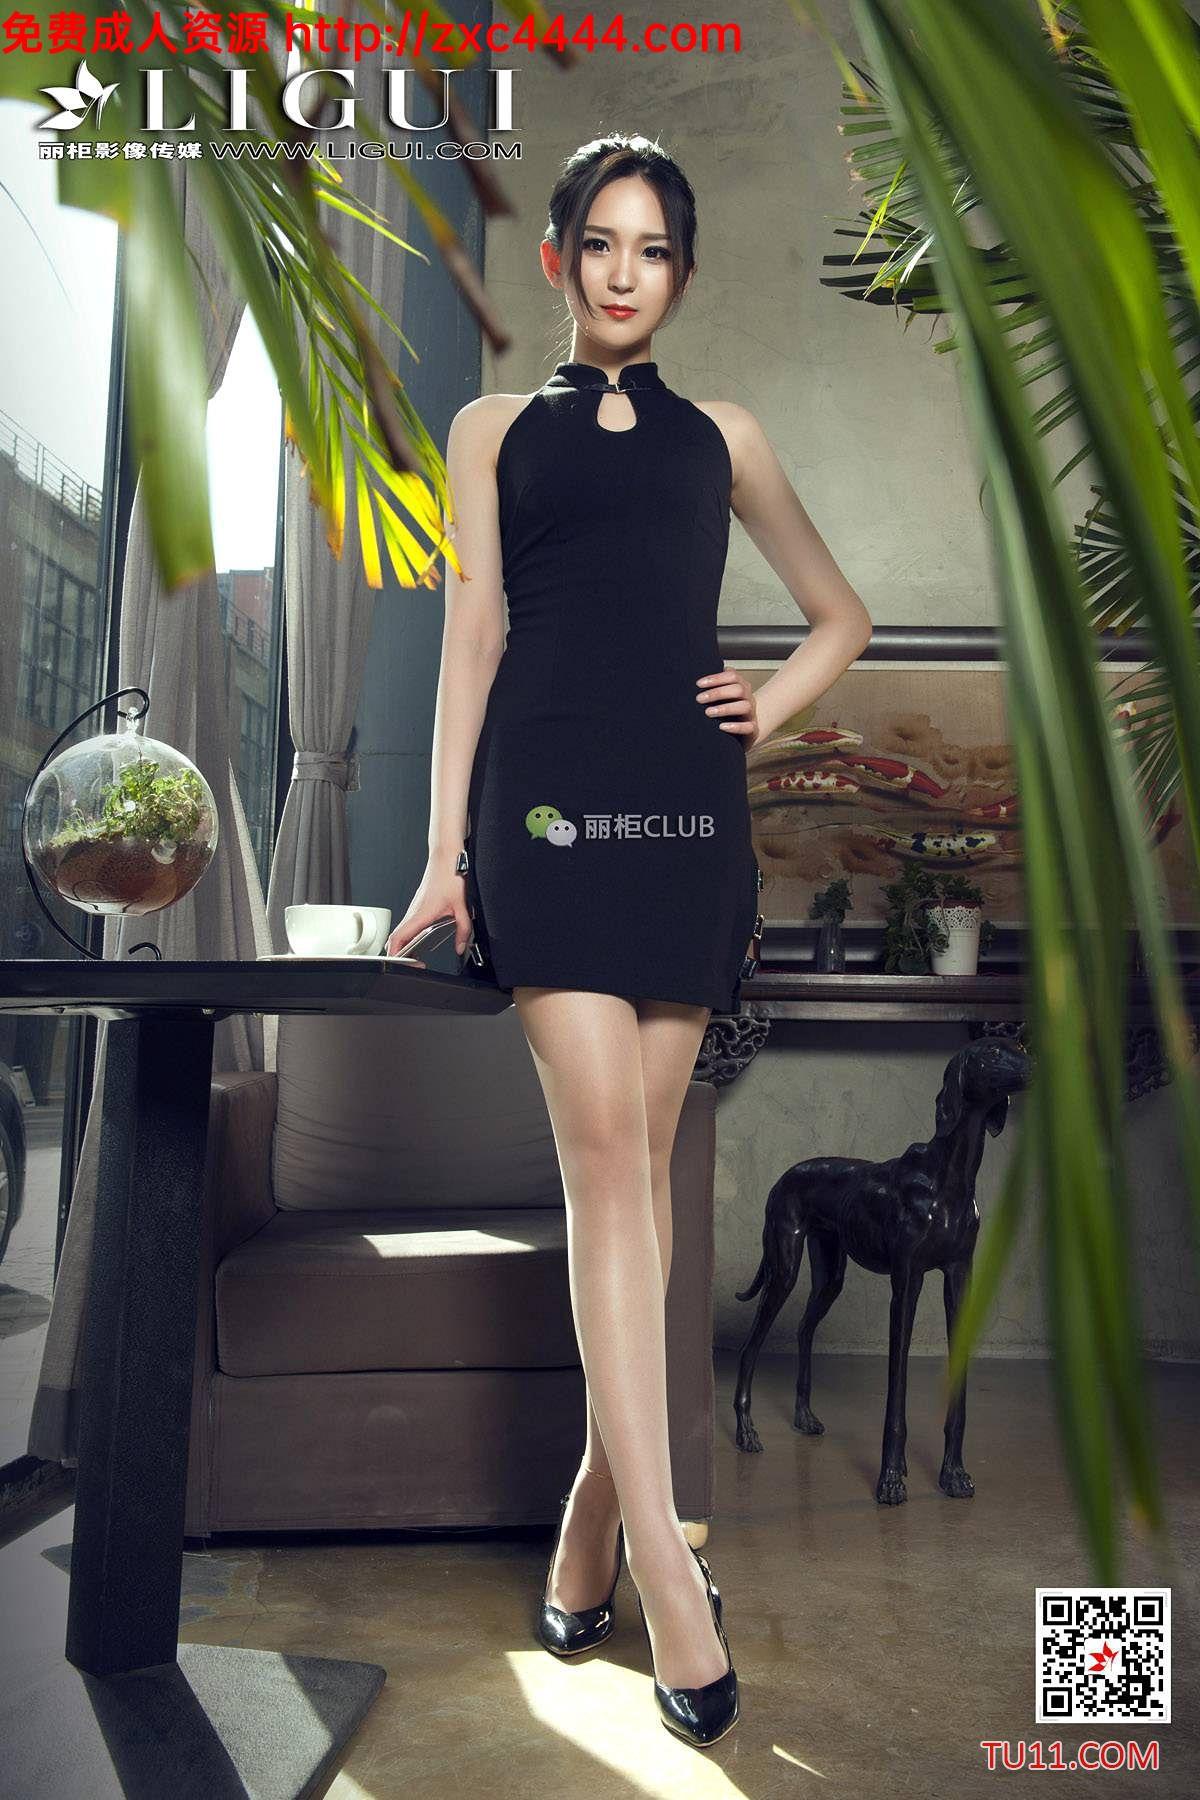 在线 成人AV_美女诱惑肉色美腿紧身衣写真【31P】_丝袜诱惑-一级片-亚洲最大 ...